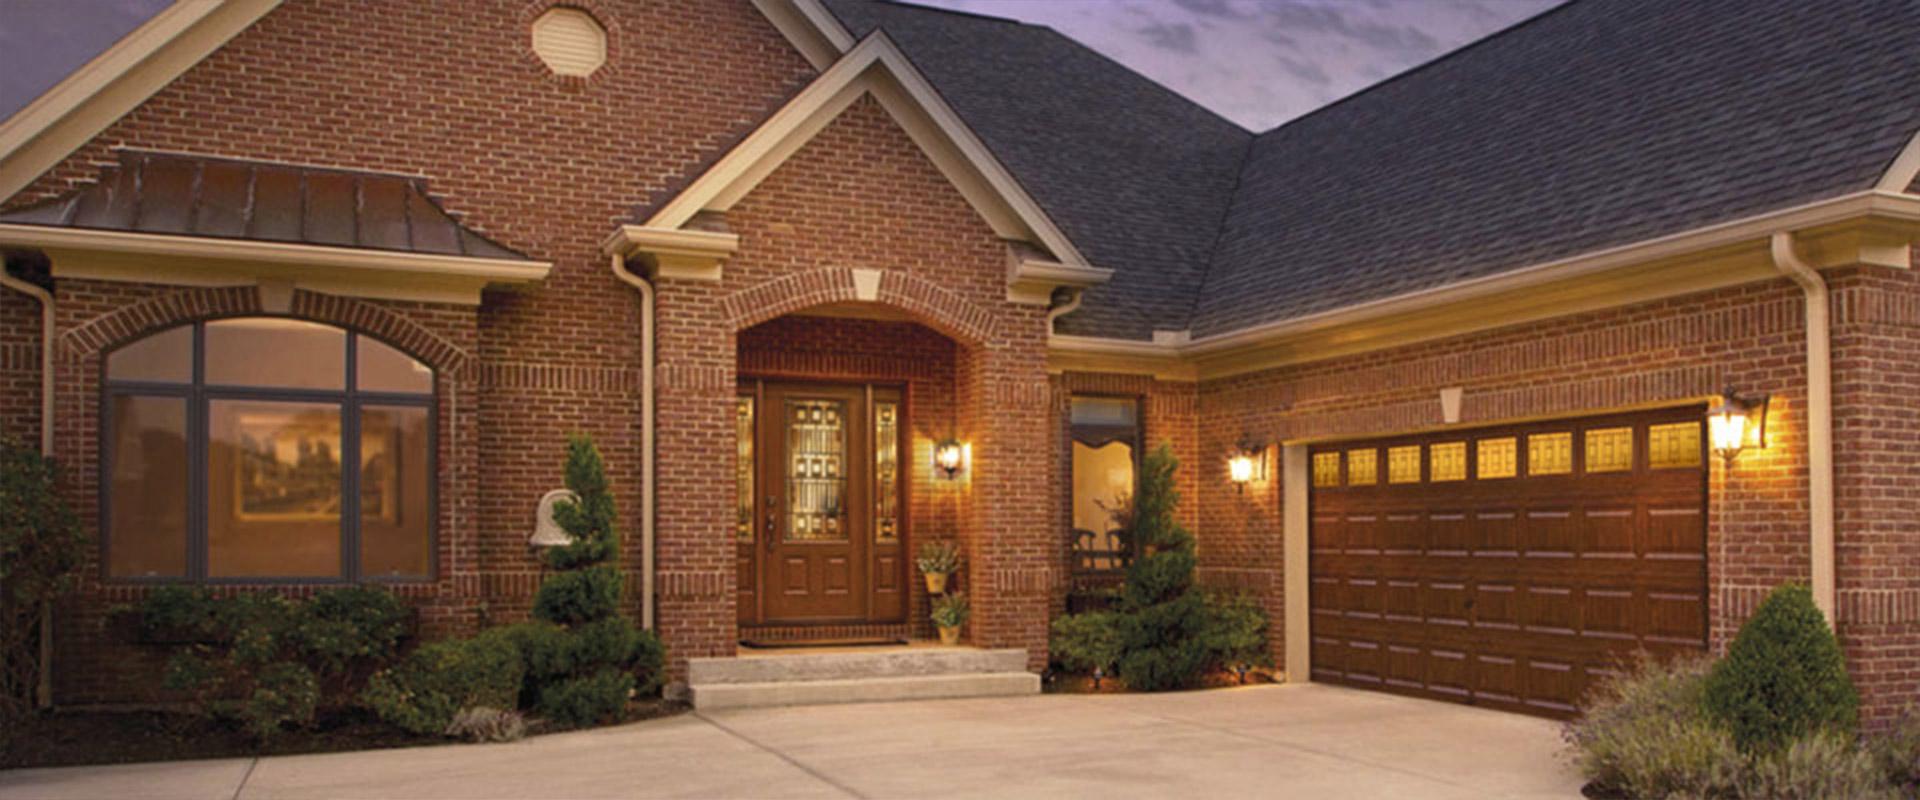 To Garage: Garage Doors, Commercial Garage Door Installation & Repair